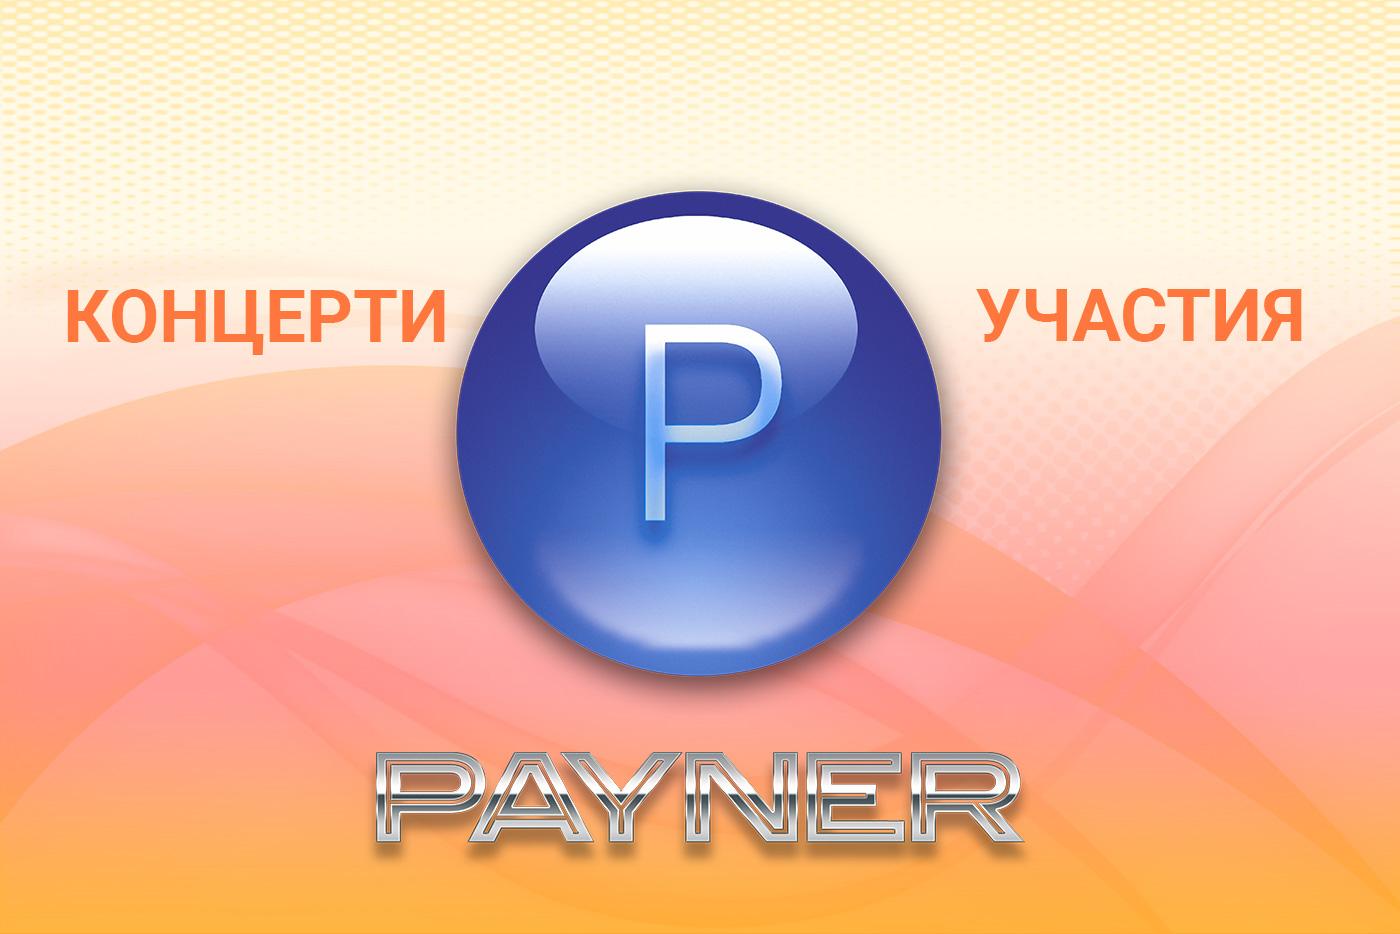 """Участия на звездите на """"Пайнер"""" на 22.11.2019"""